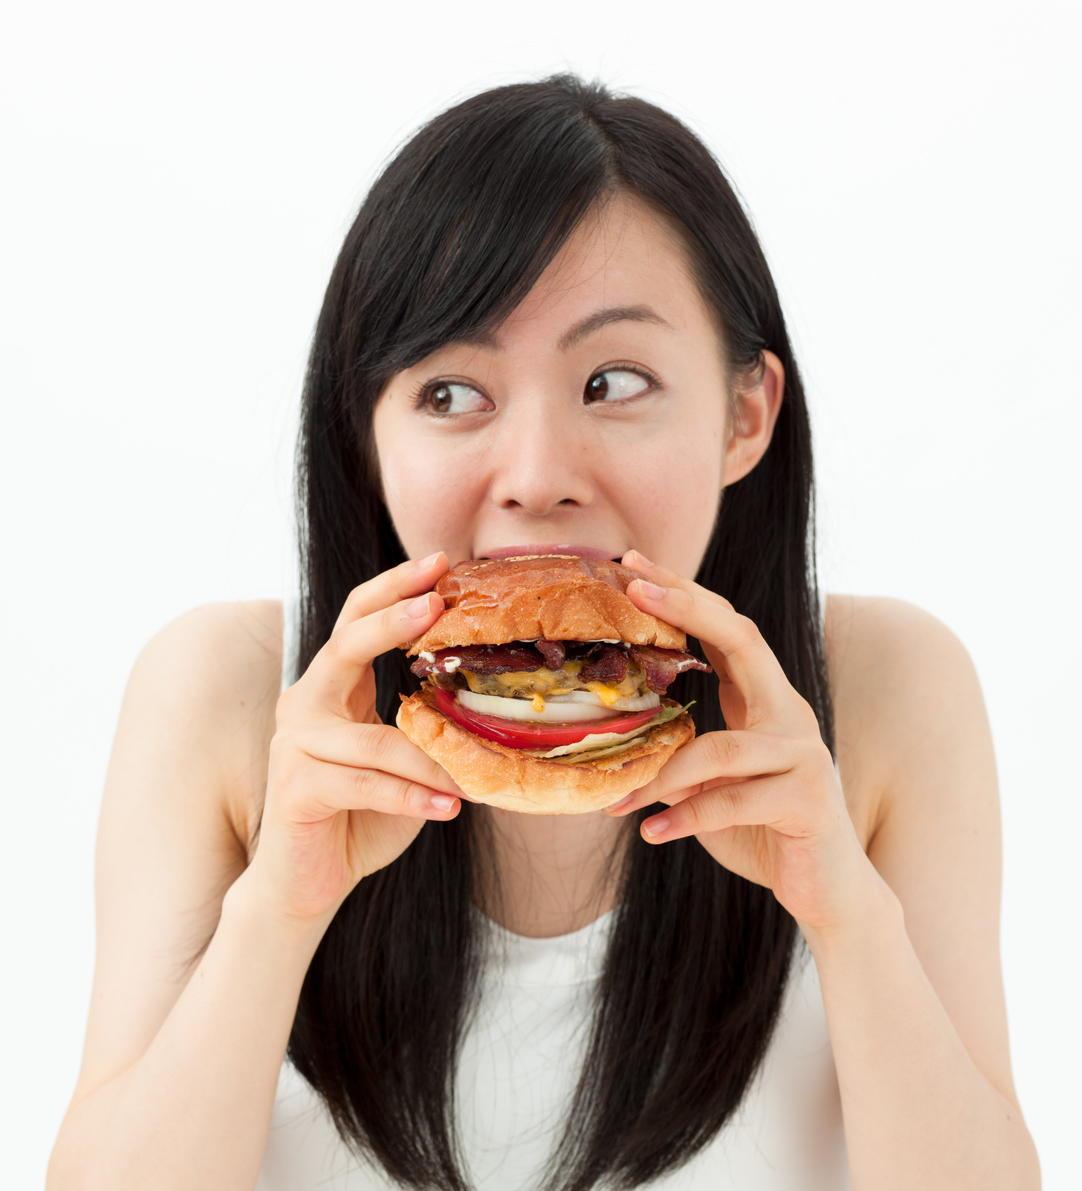 乳がんの原因は「欧米型食事」? 乳がんを予防するための生活スタイル